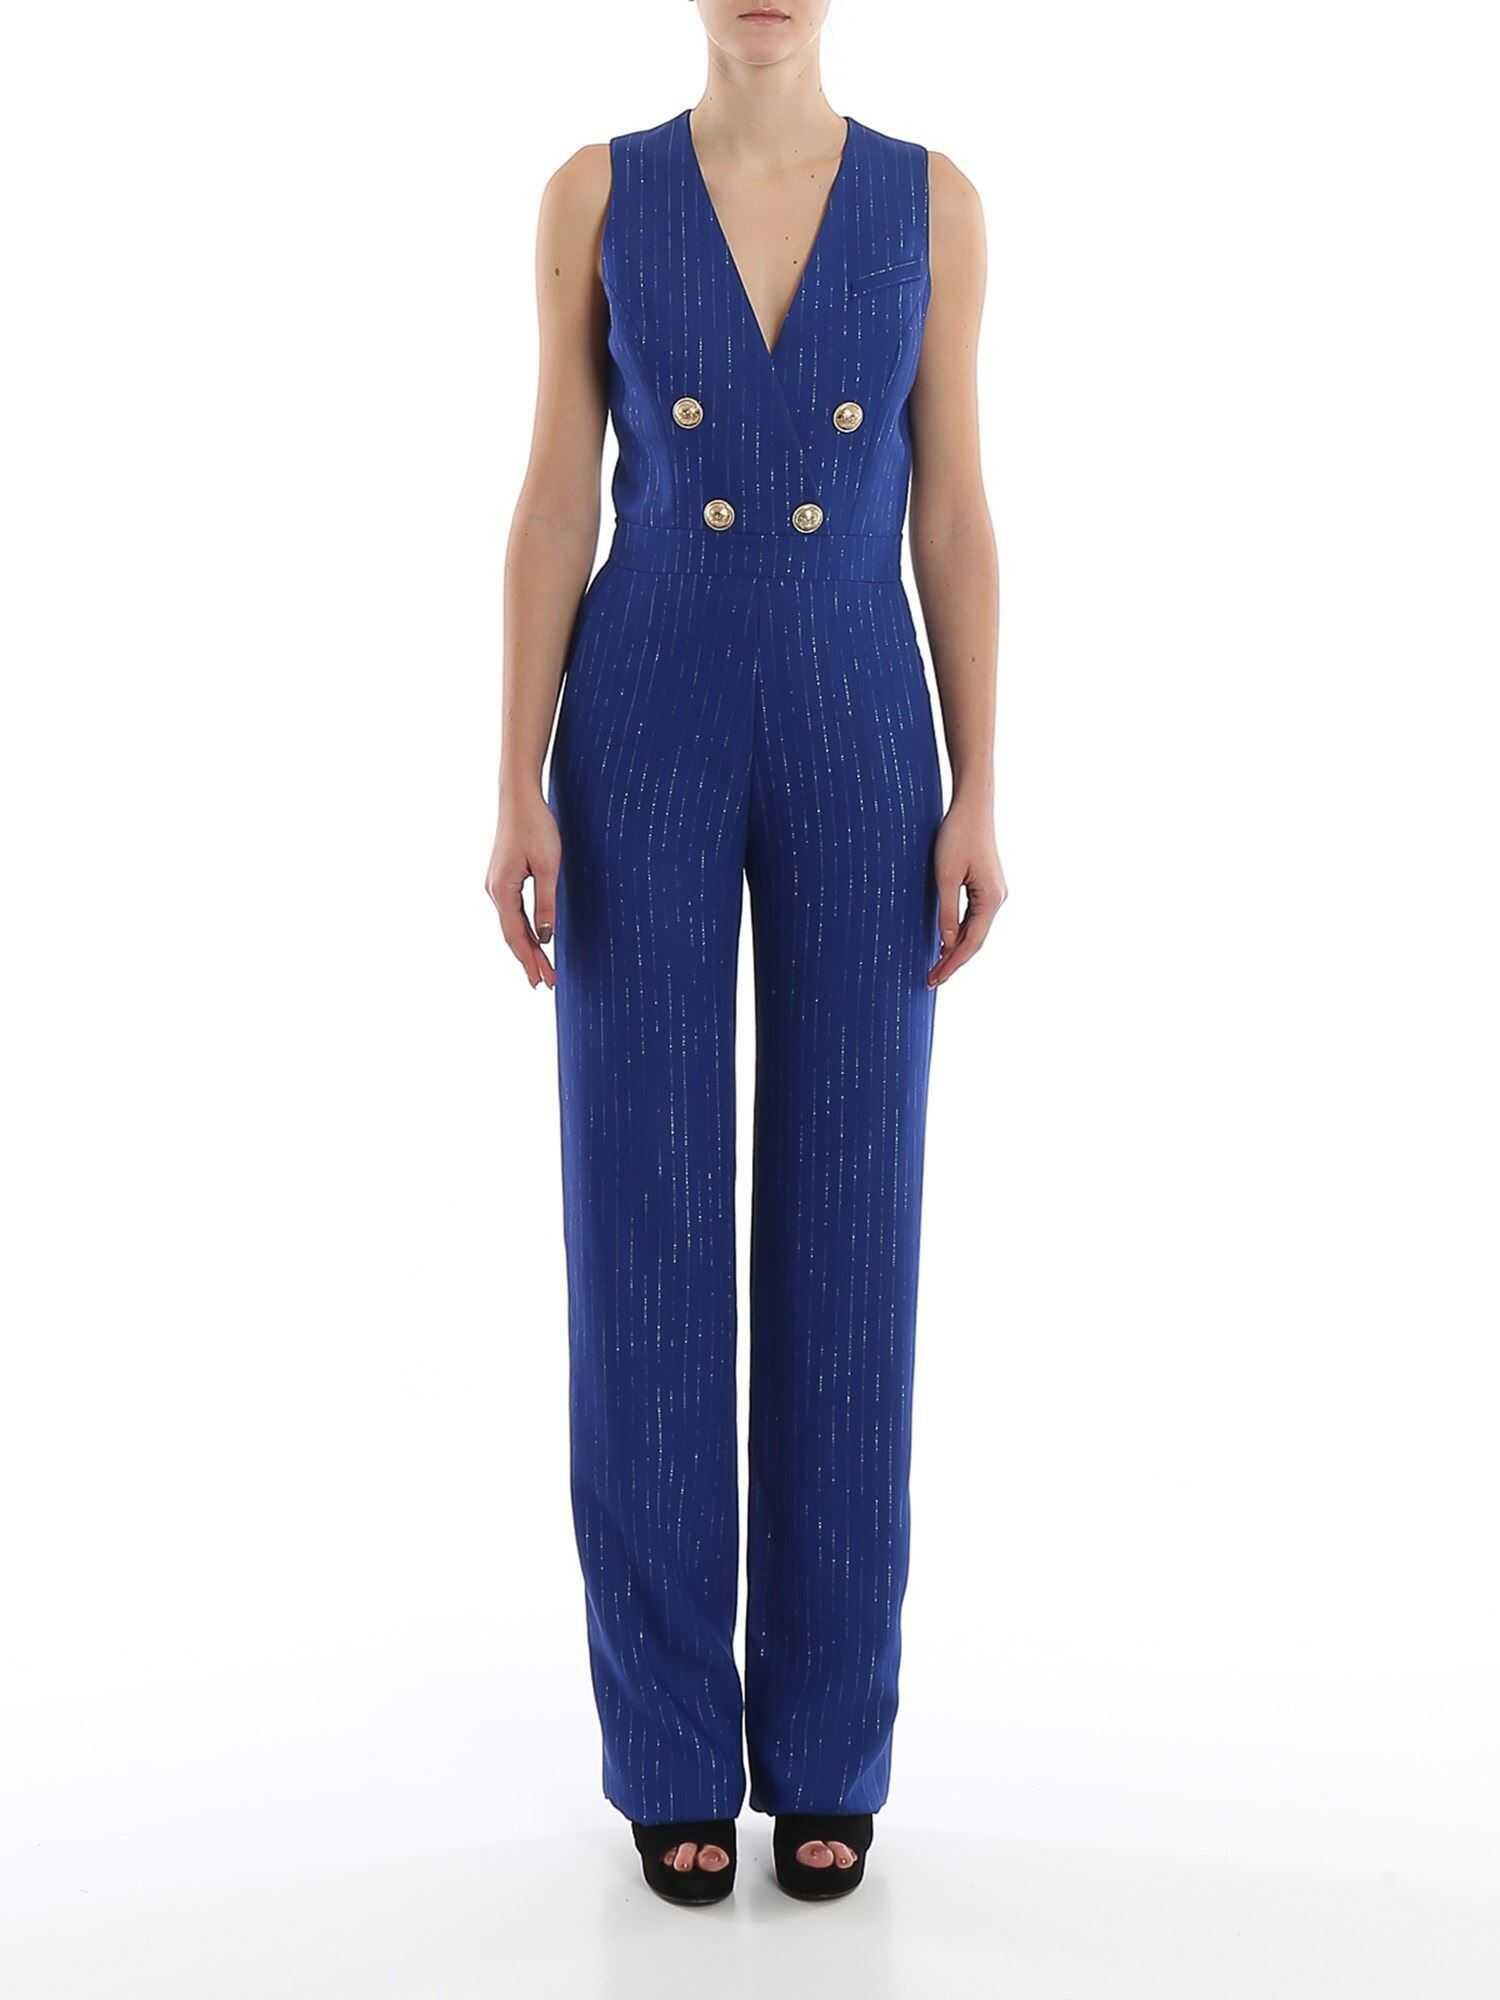 Balmain Gold-Tone Button Striped Jumpsuit Blue